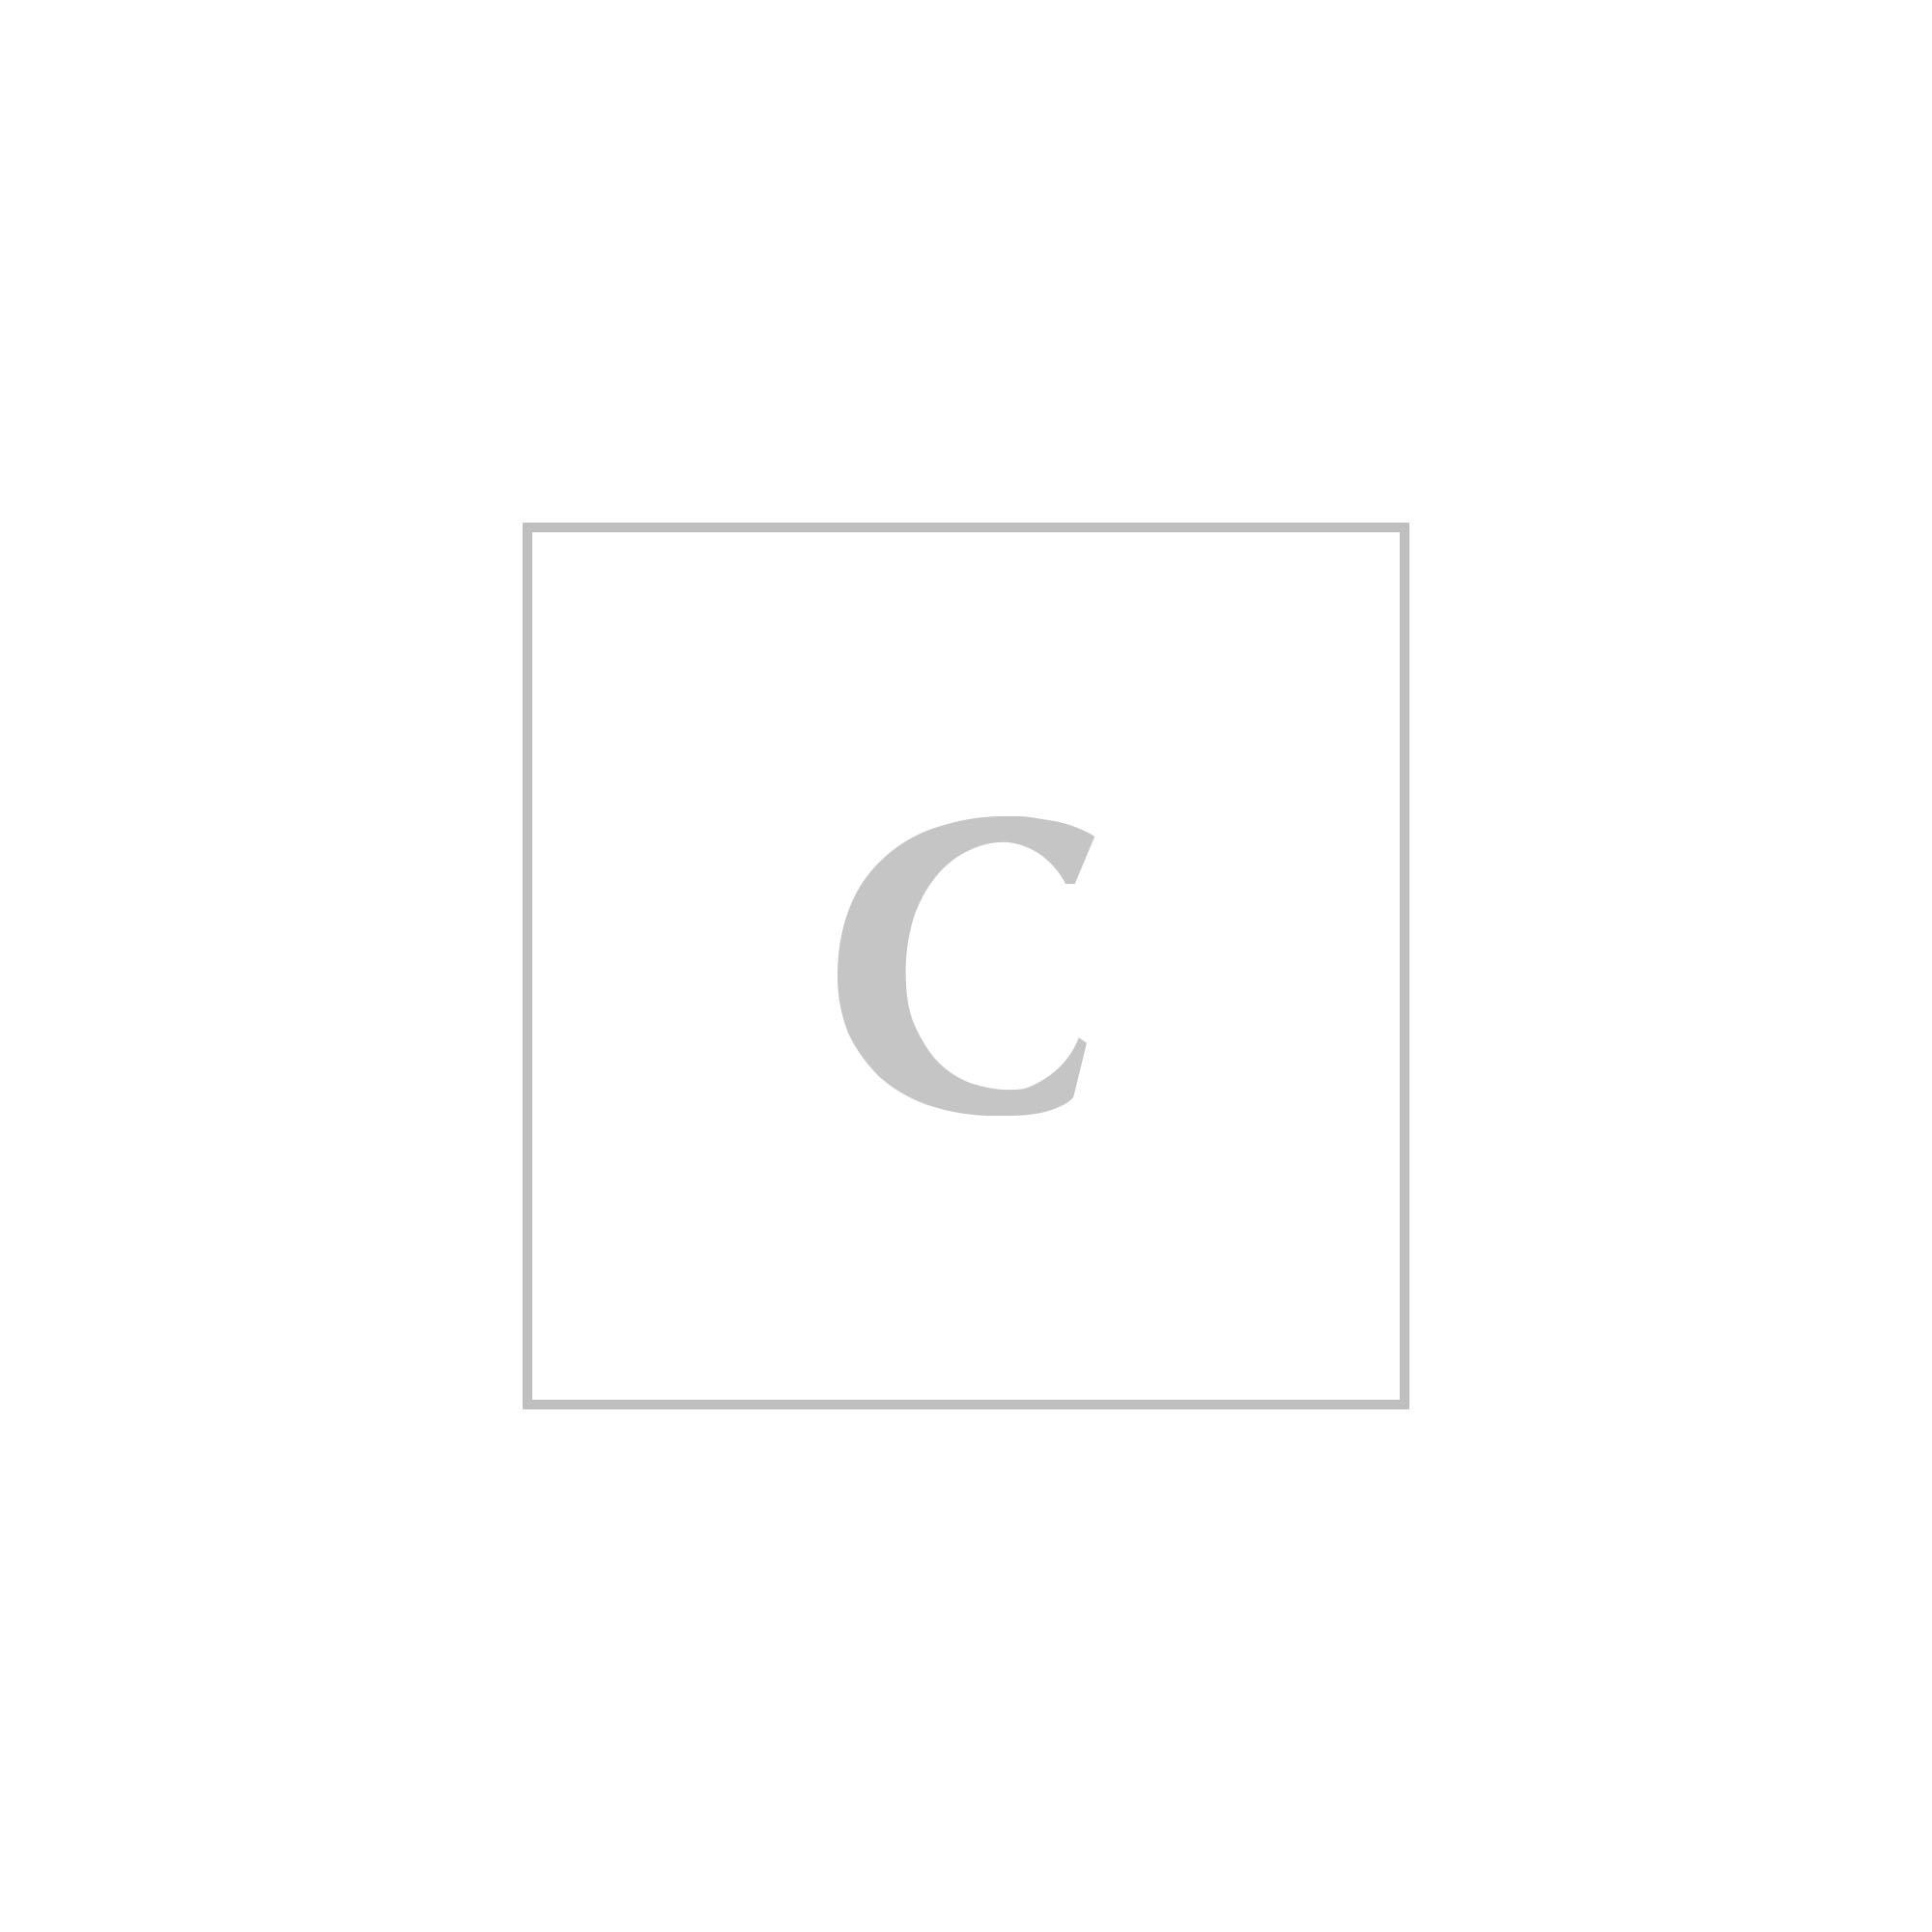 Dolce & gabbana borsa mini vitello stampa dauphine sicily